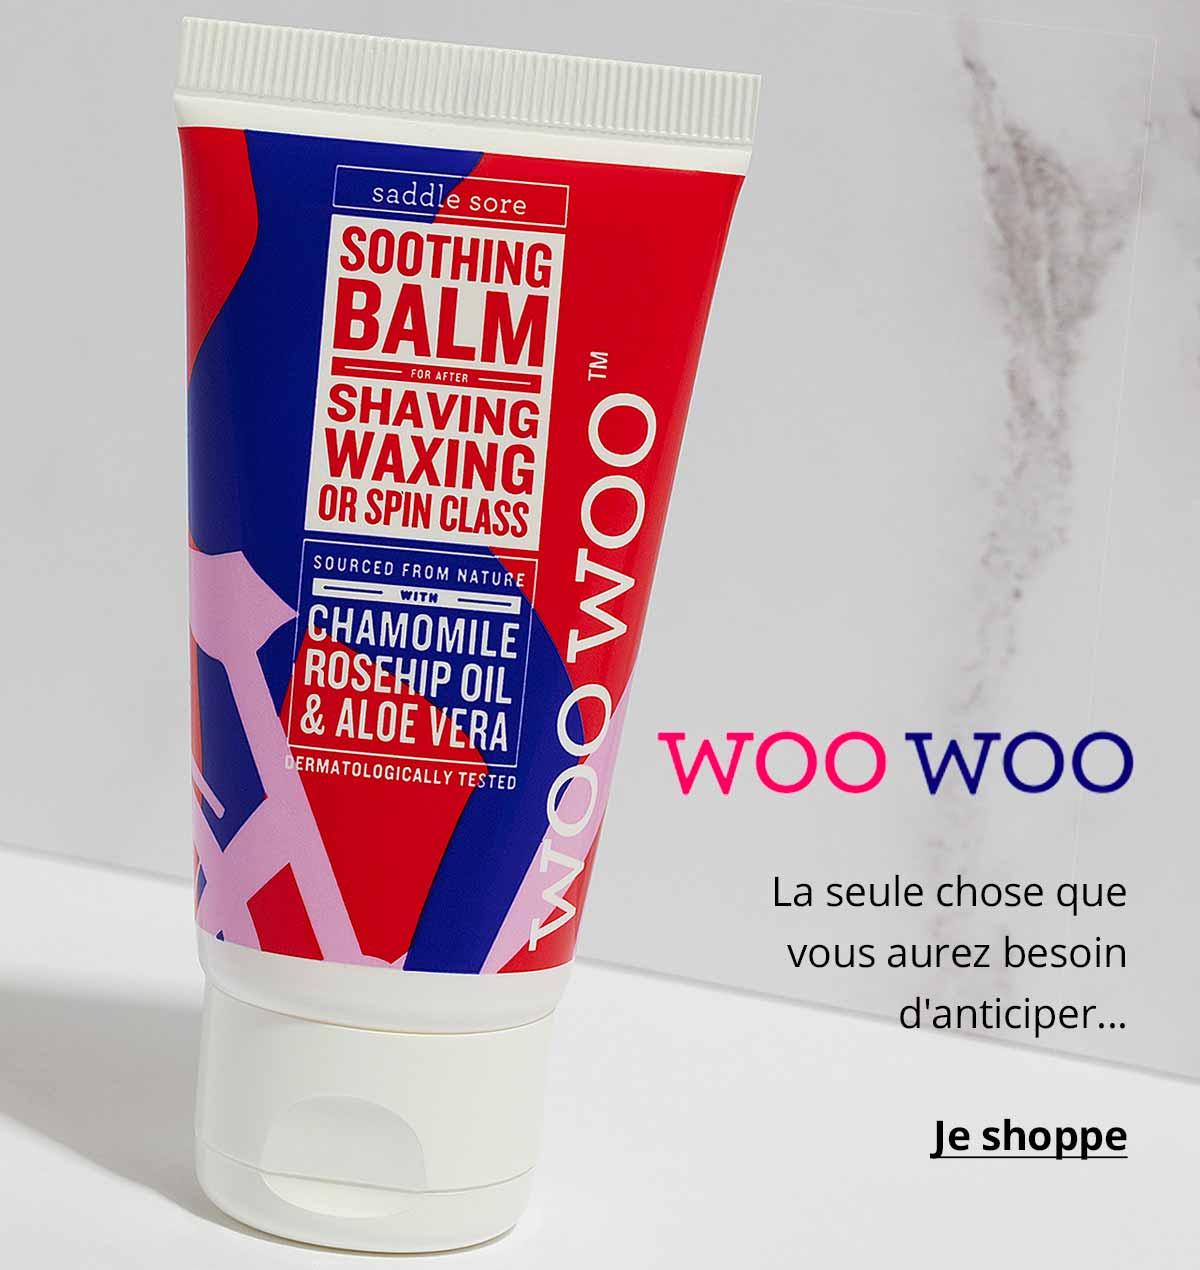 WooWoo - La seule chose que vous aurez besoin d'anticiper...